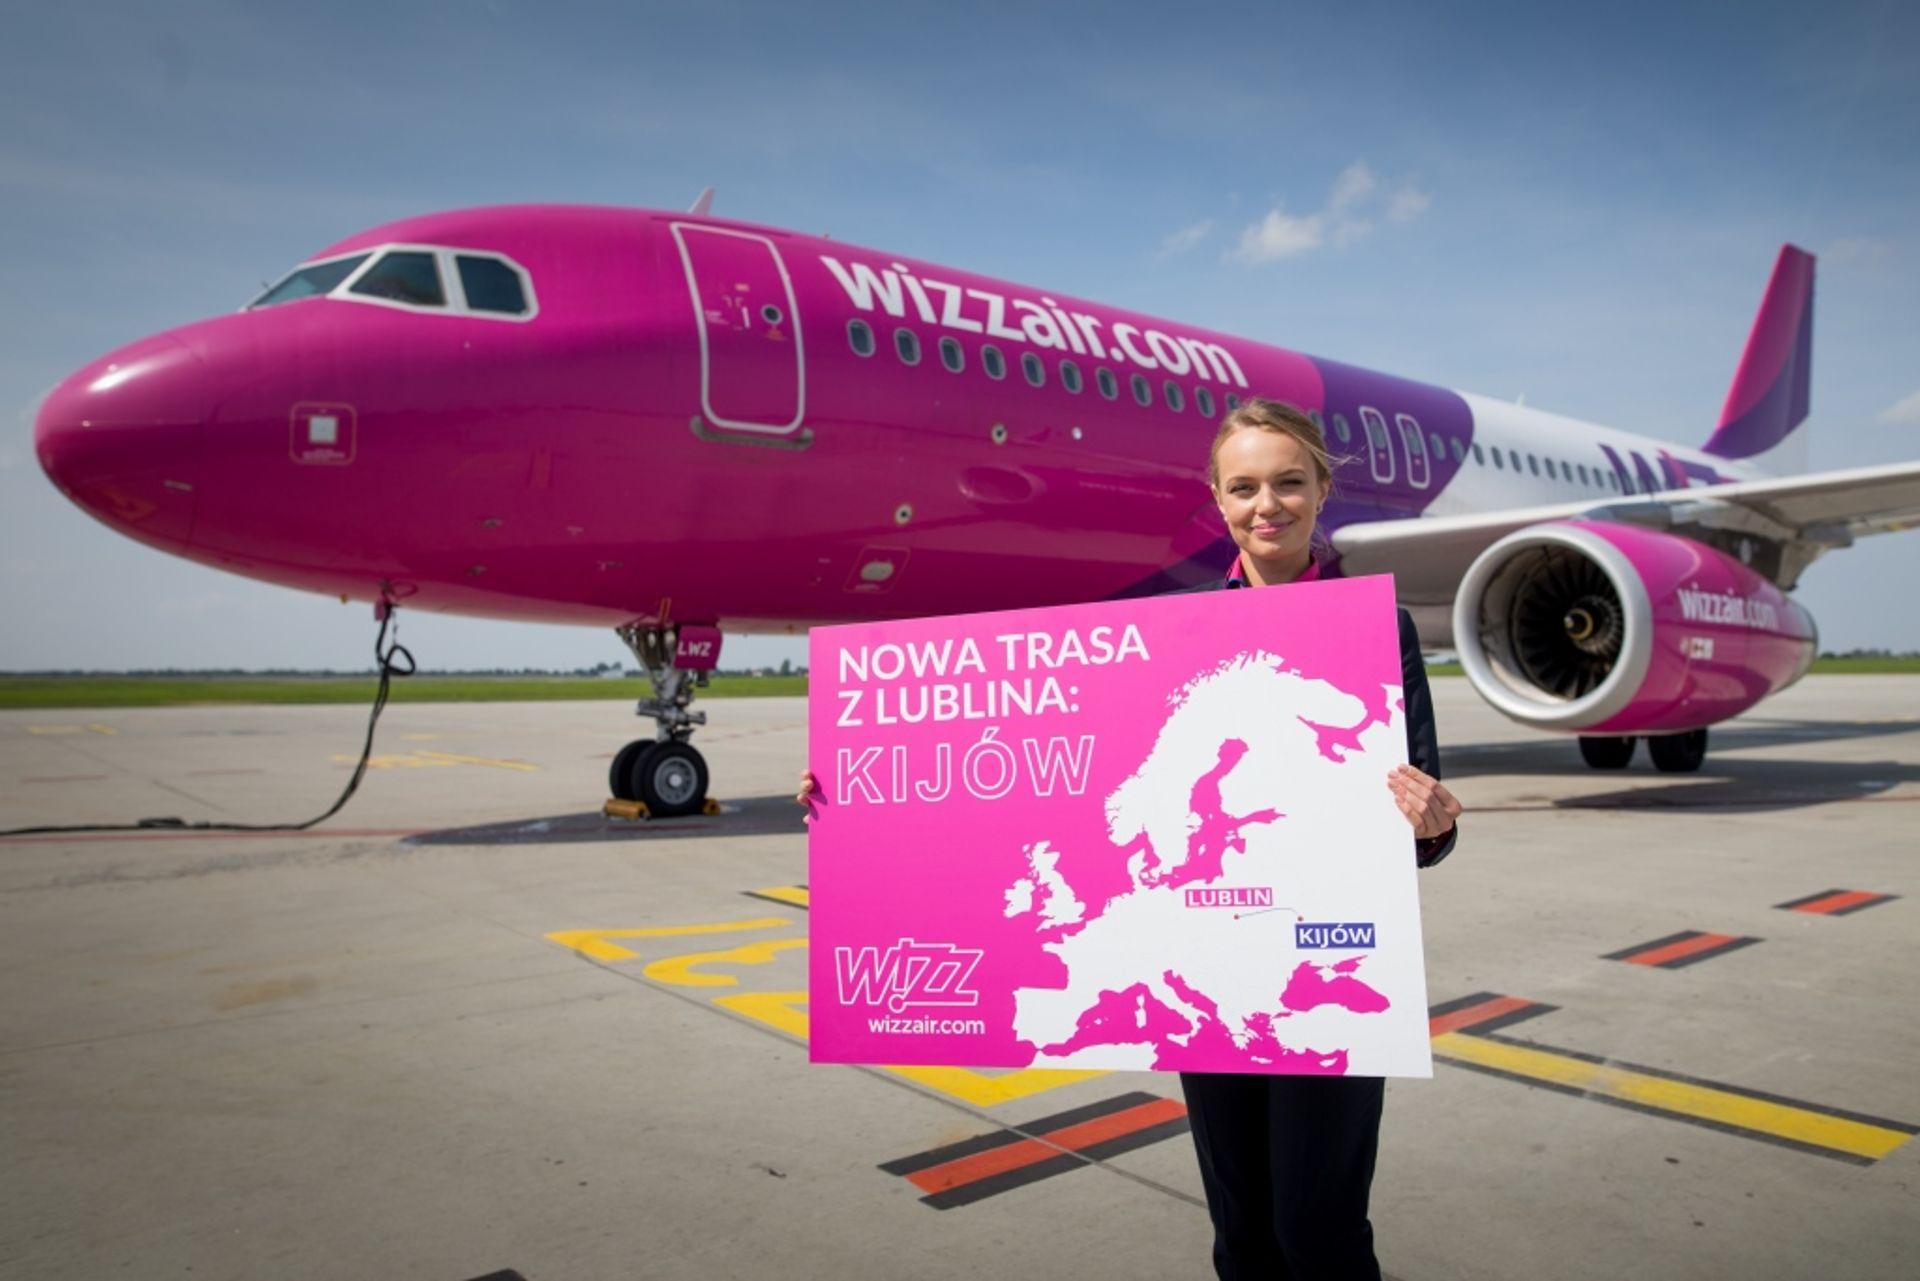 [Lublin] Ukraina bliżej Lublina. Pierwszy samolot polecał do Kijowa